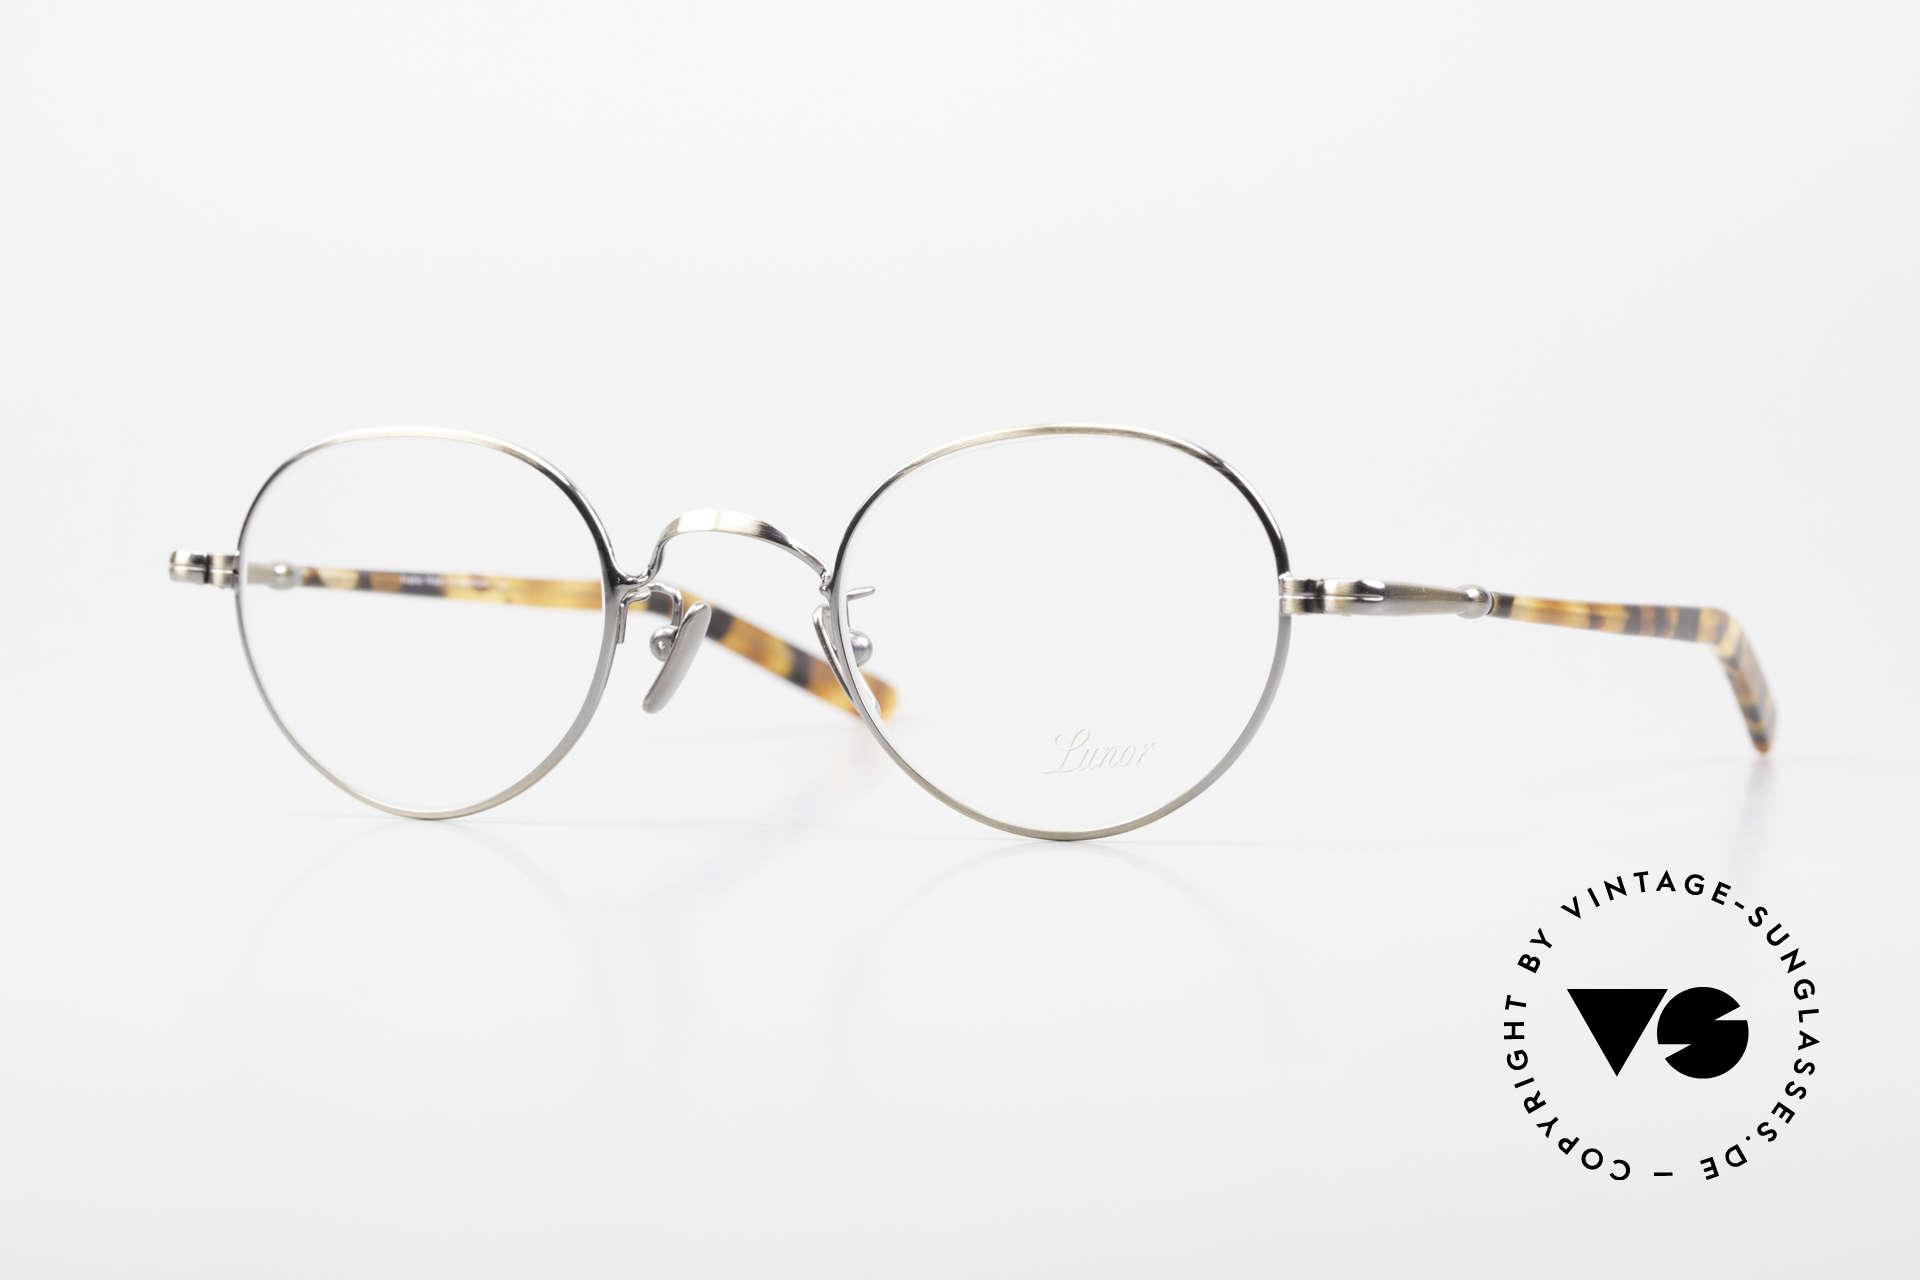 Lunor VA 108 Panto Lunor Brille Original, alte LUNOR Brille aus der 2012er Brillenkollektion, Passend für Herren und Damen